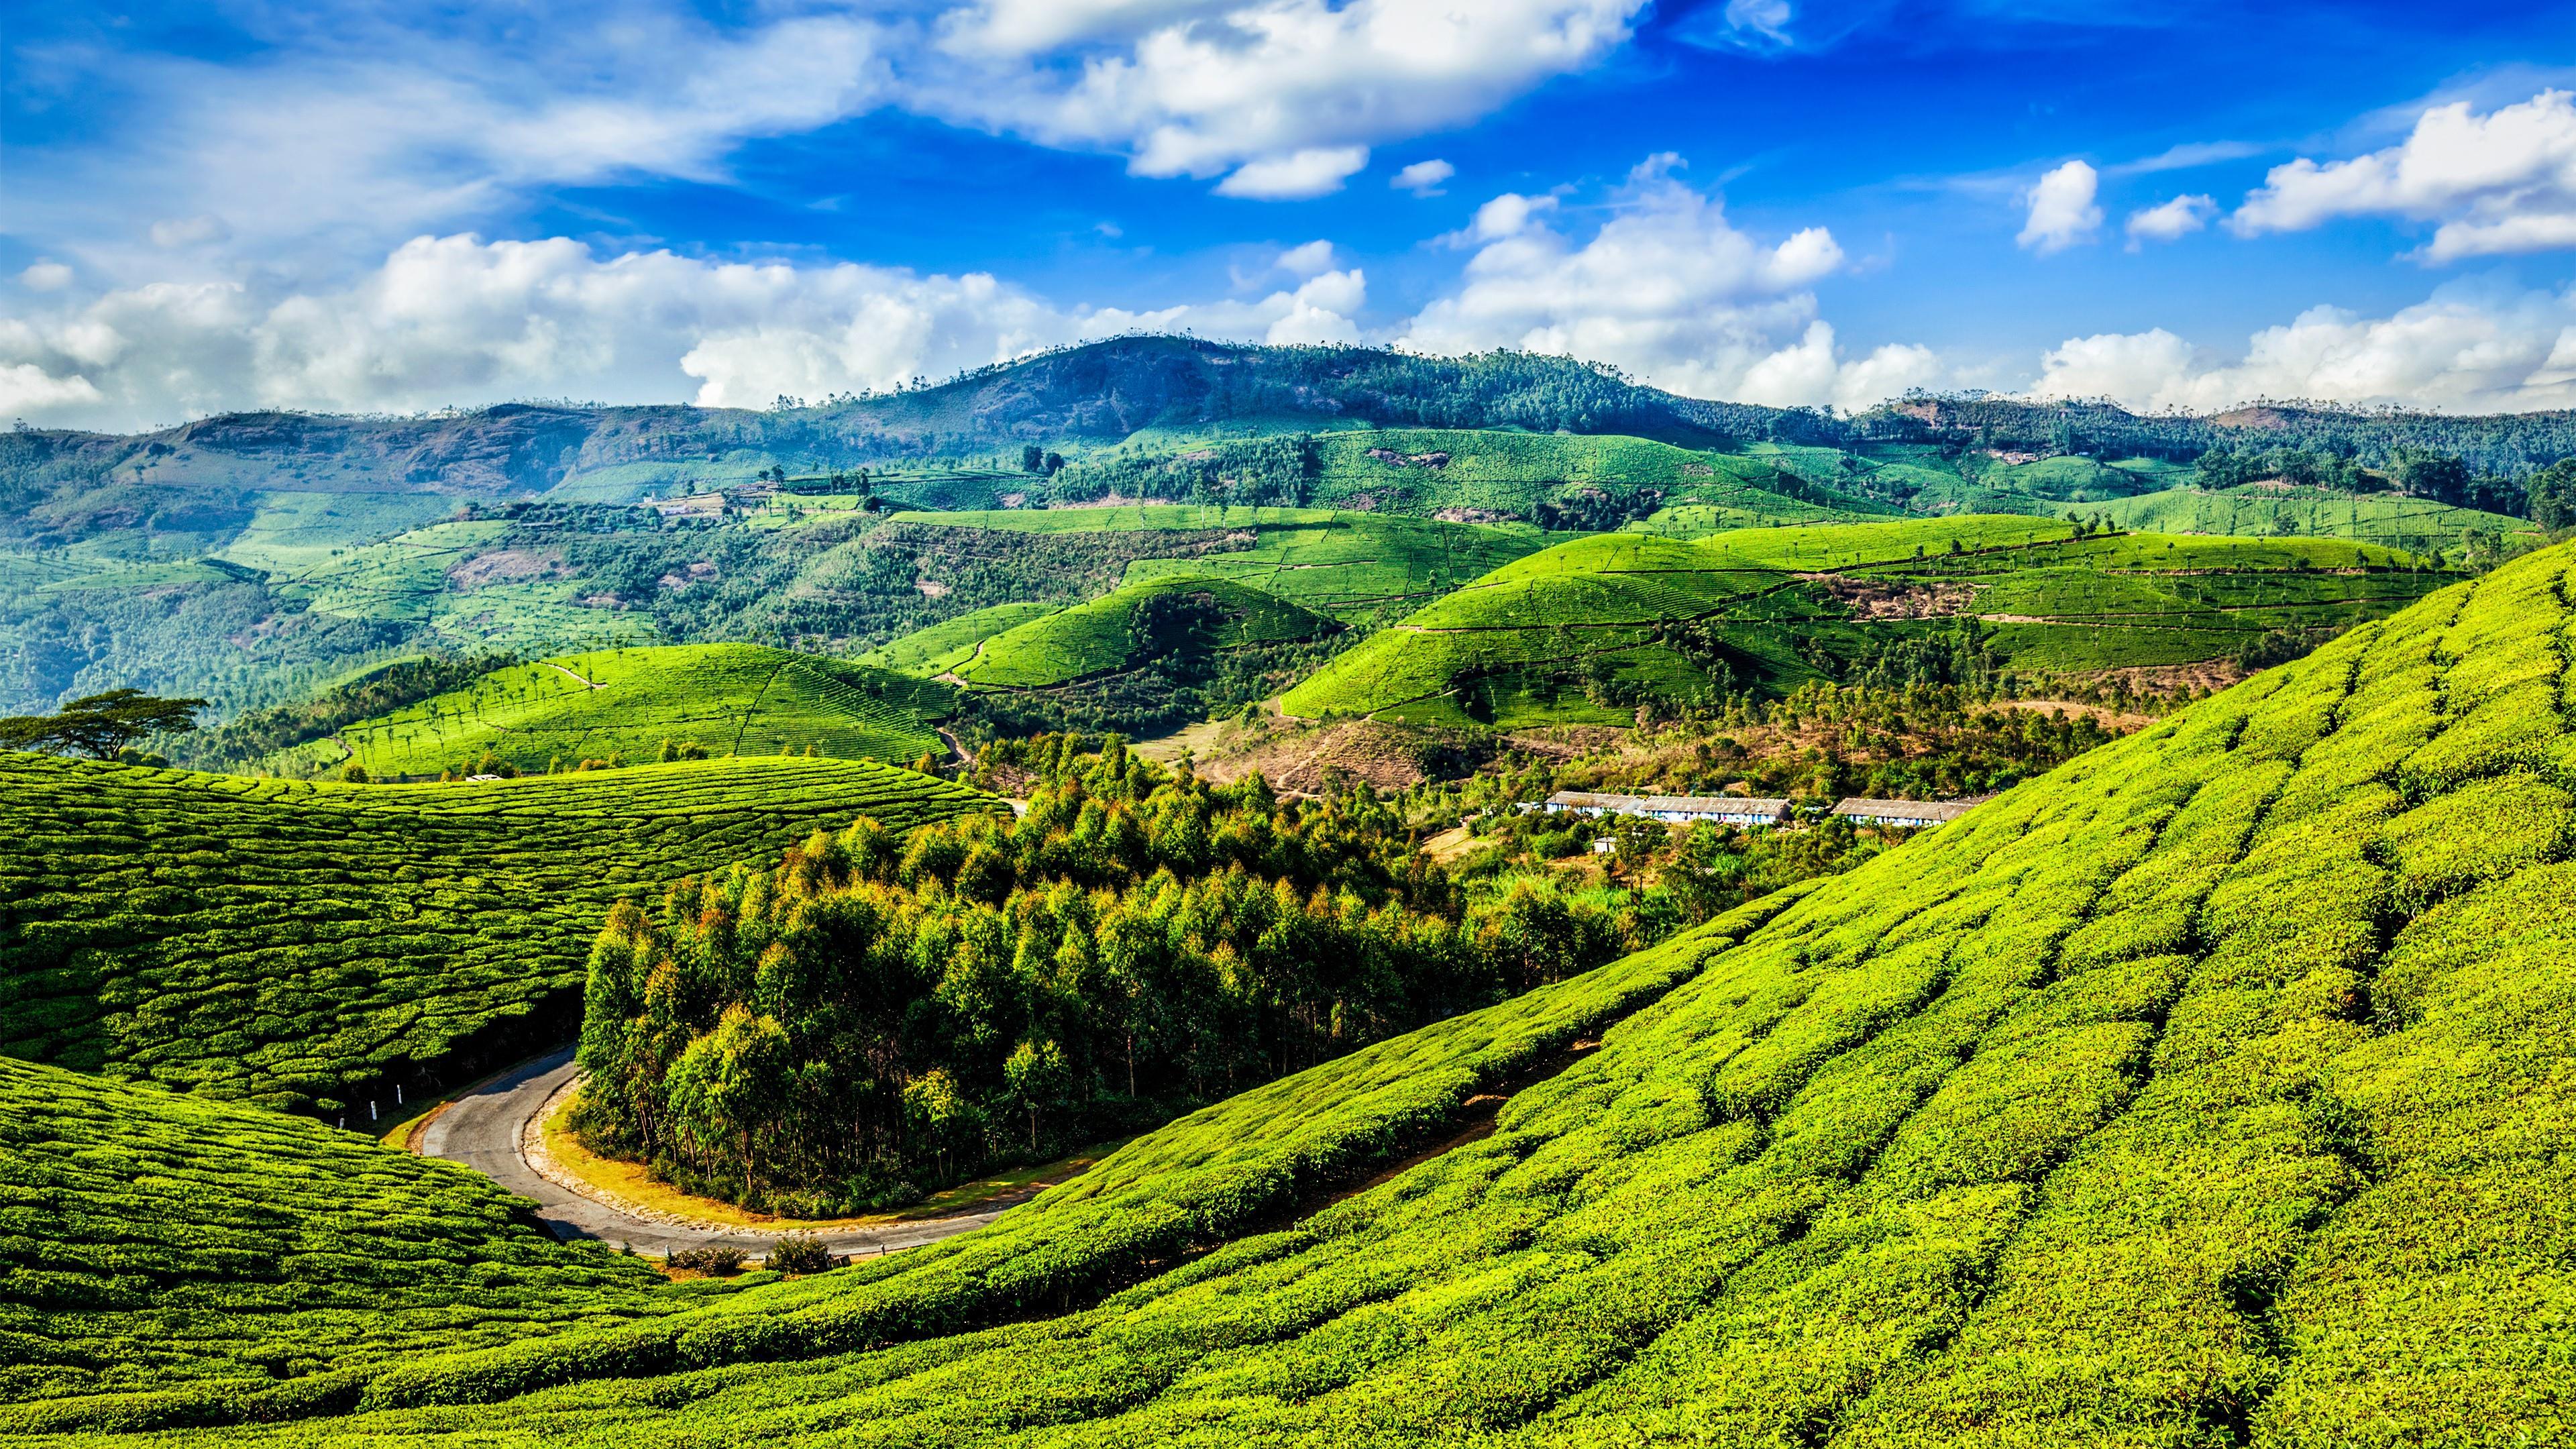 Hill Slopes With Tea Plantations - India 4K UltraHD ...